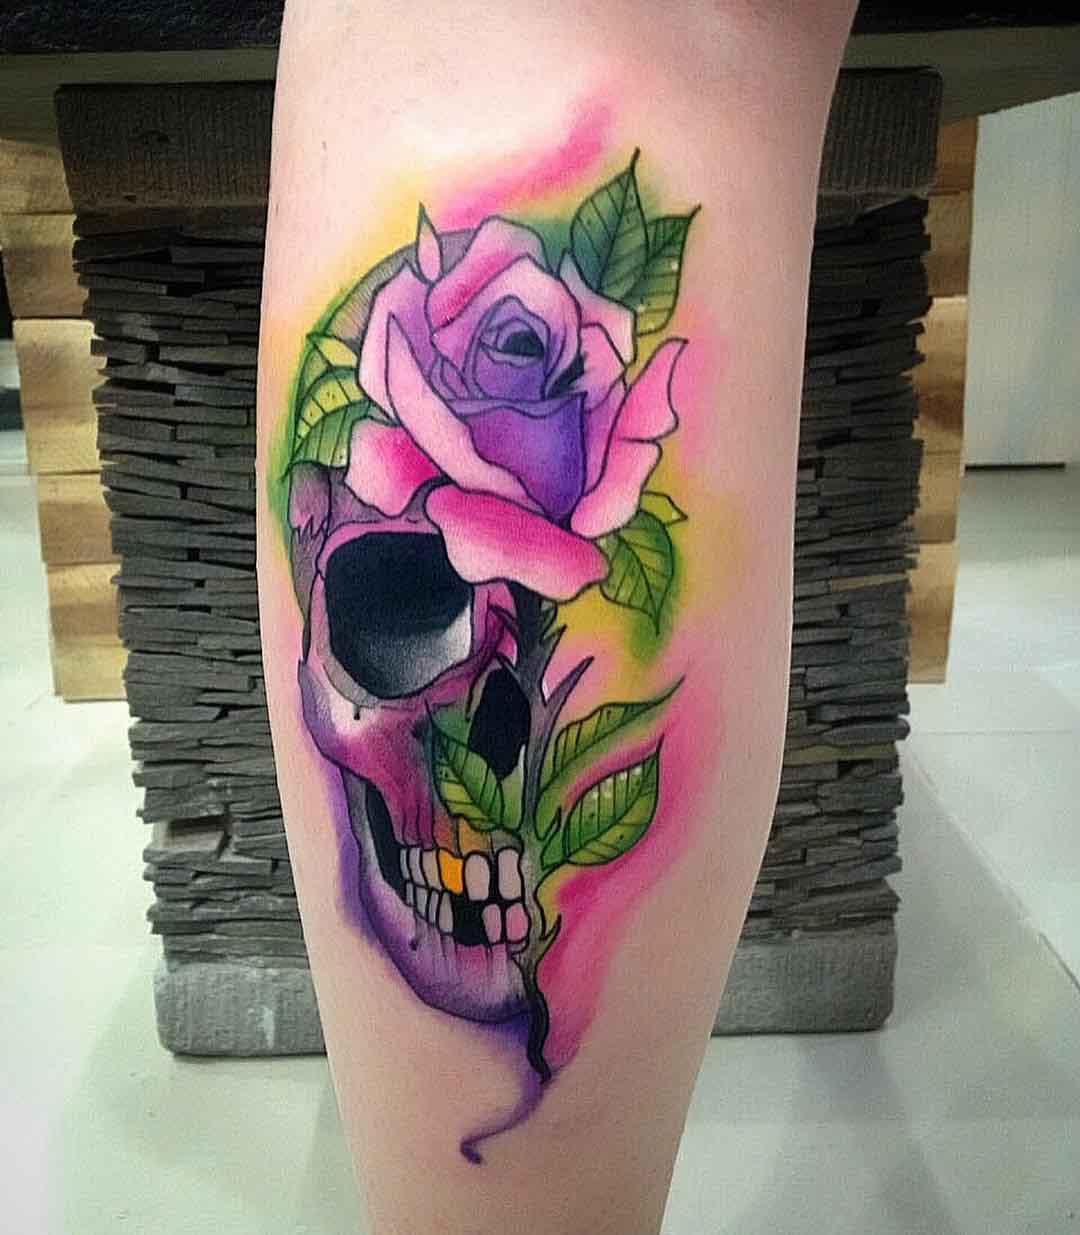 calf tattoo skull tattoo rose purple